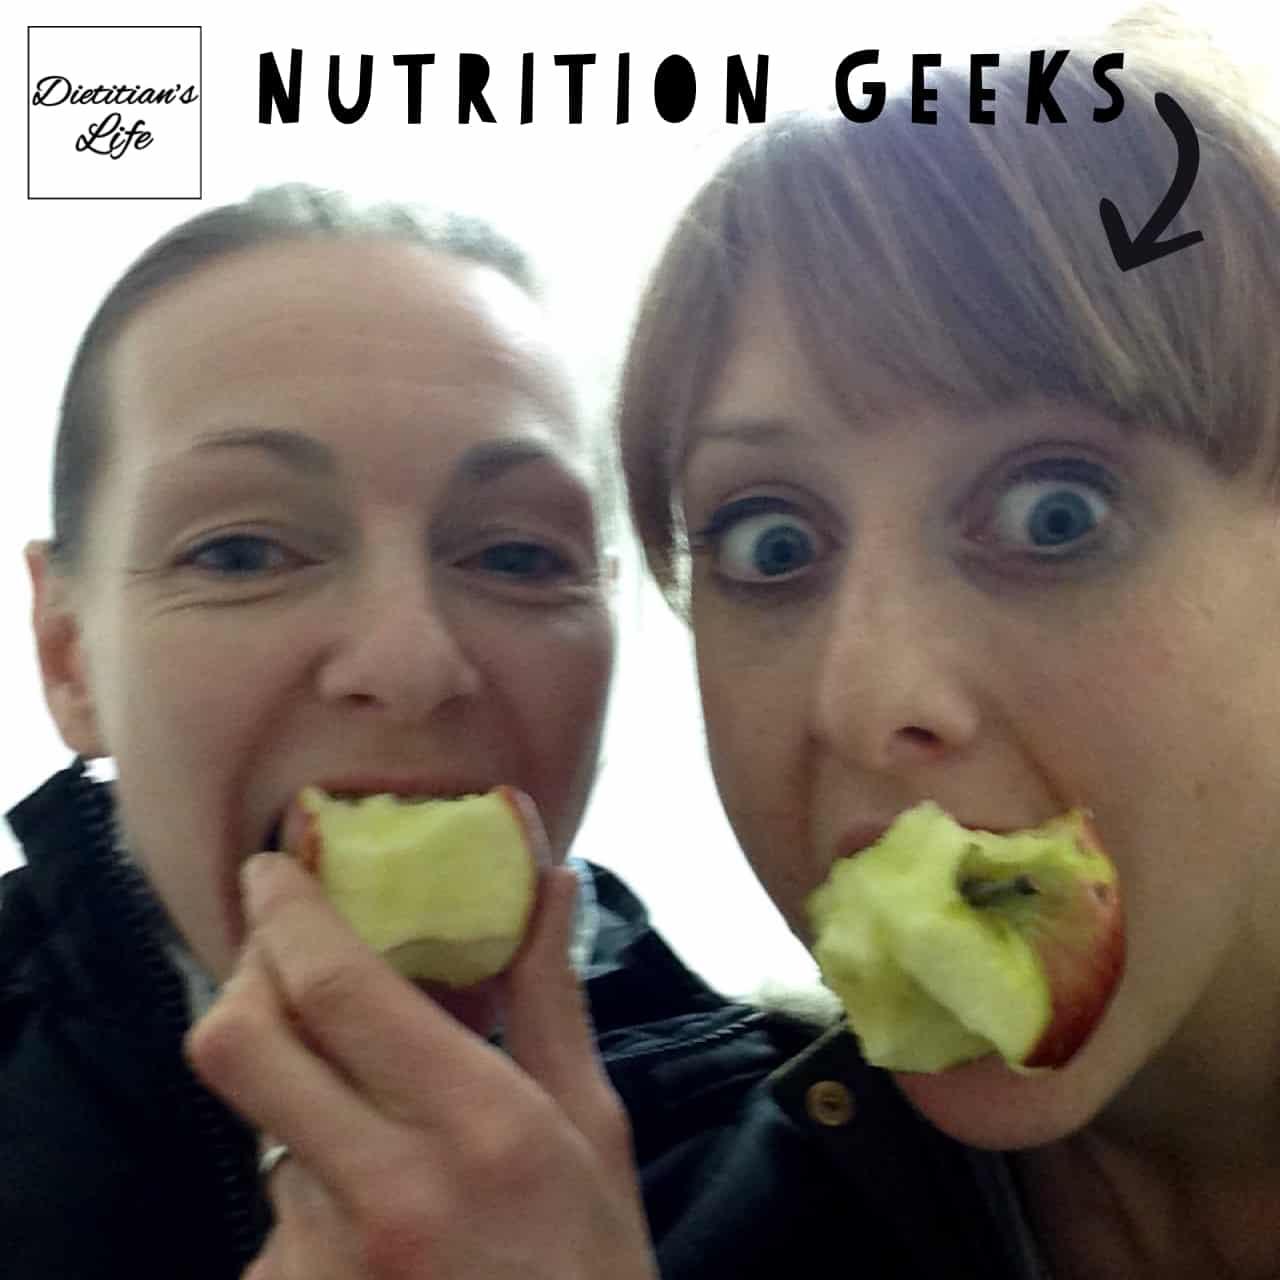 Nutrition geeks